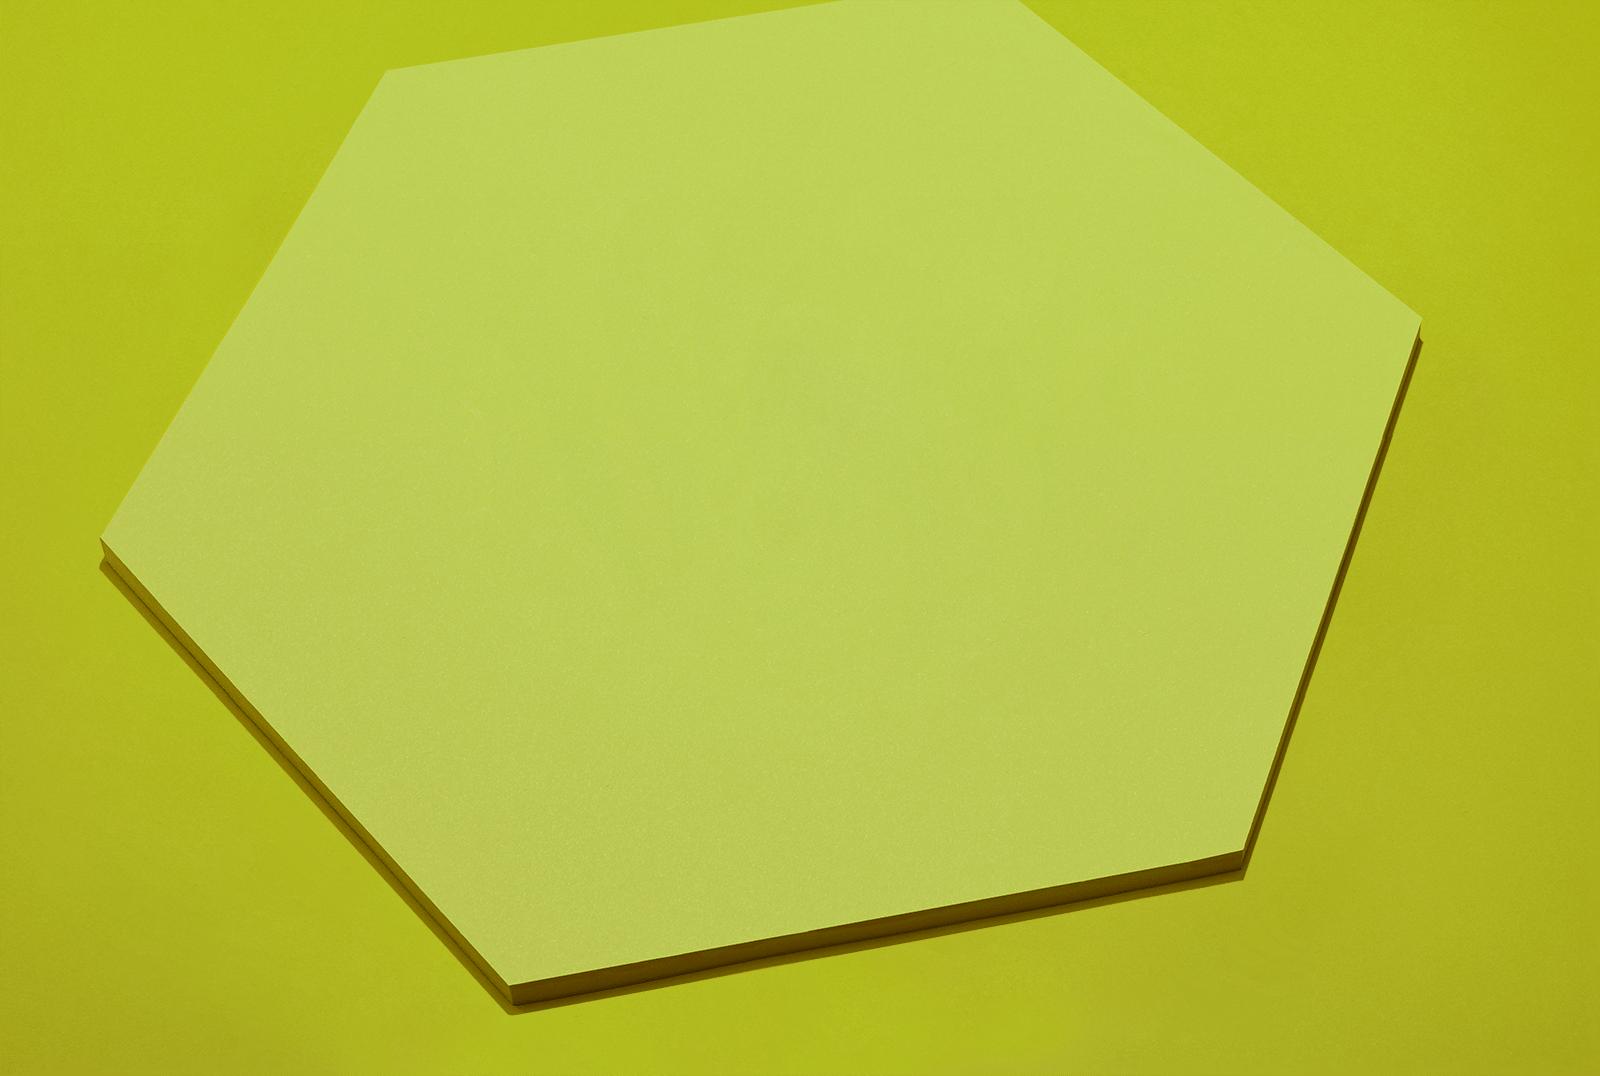 Green Kaleido